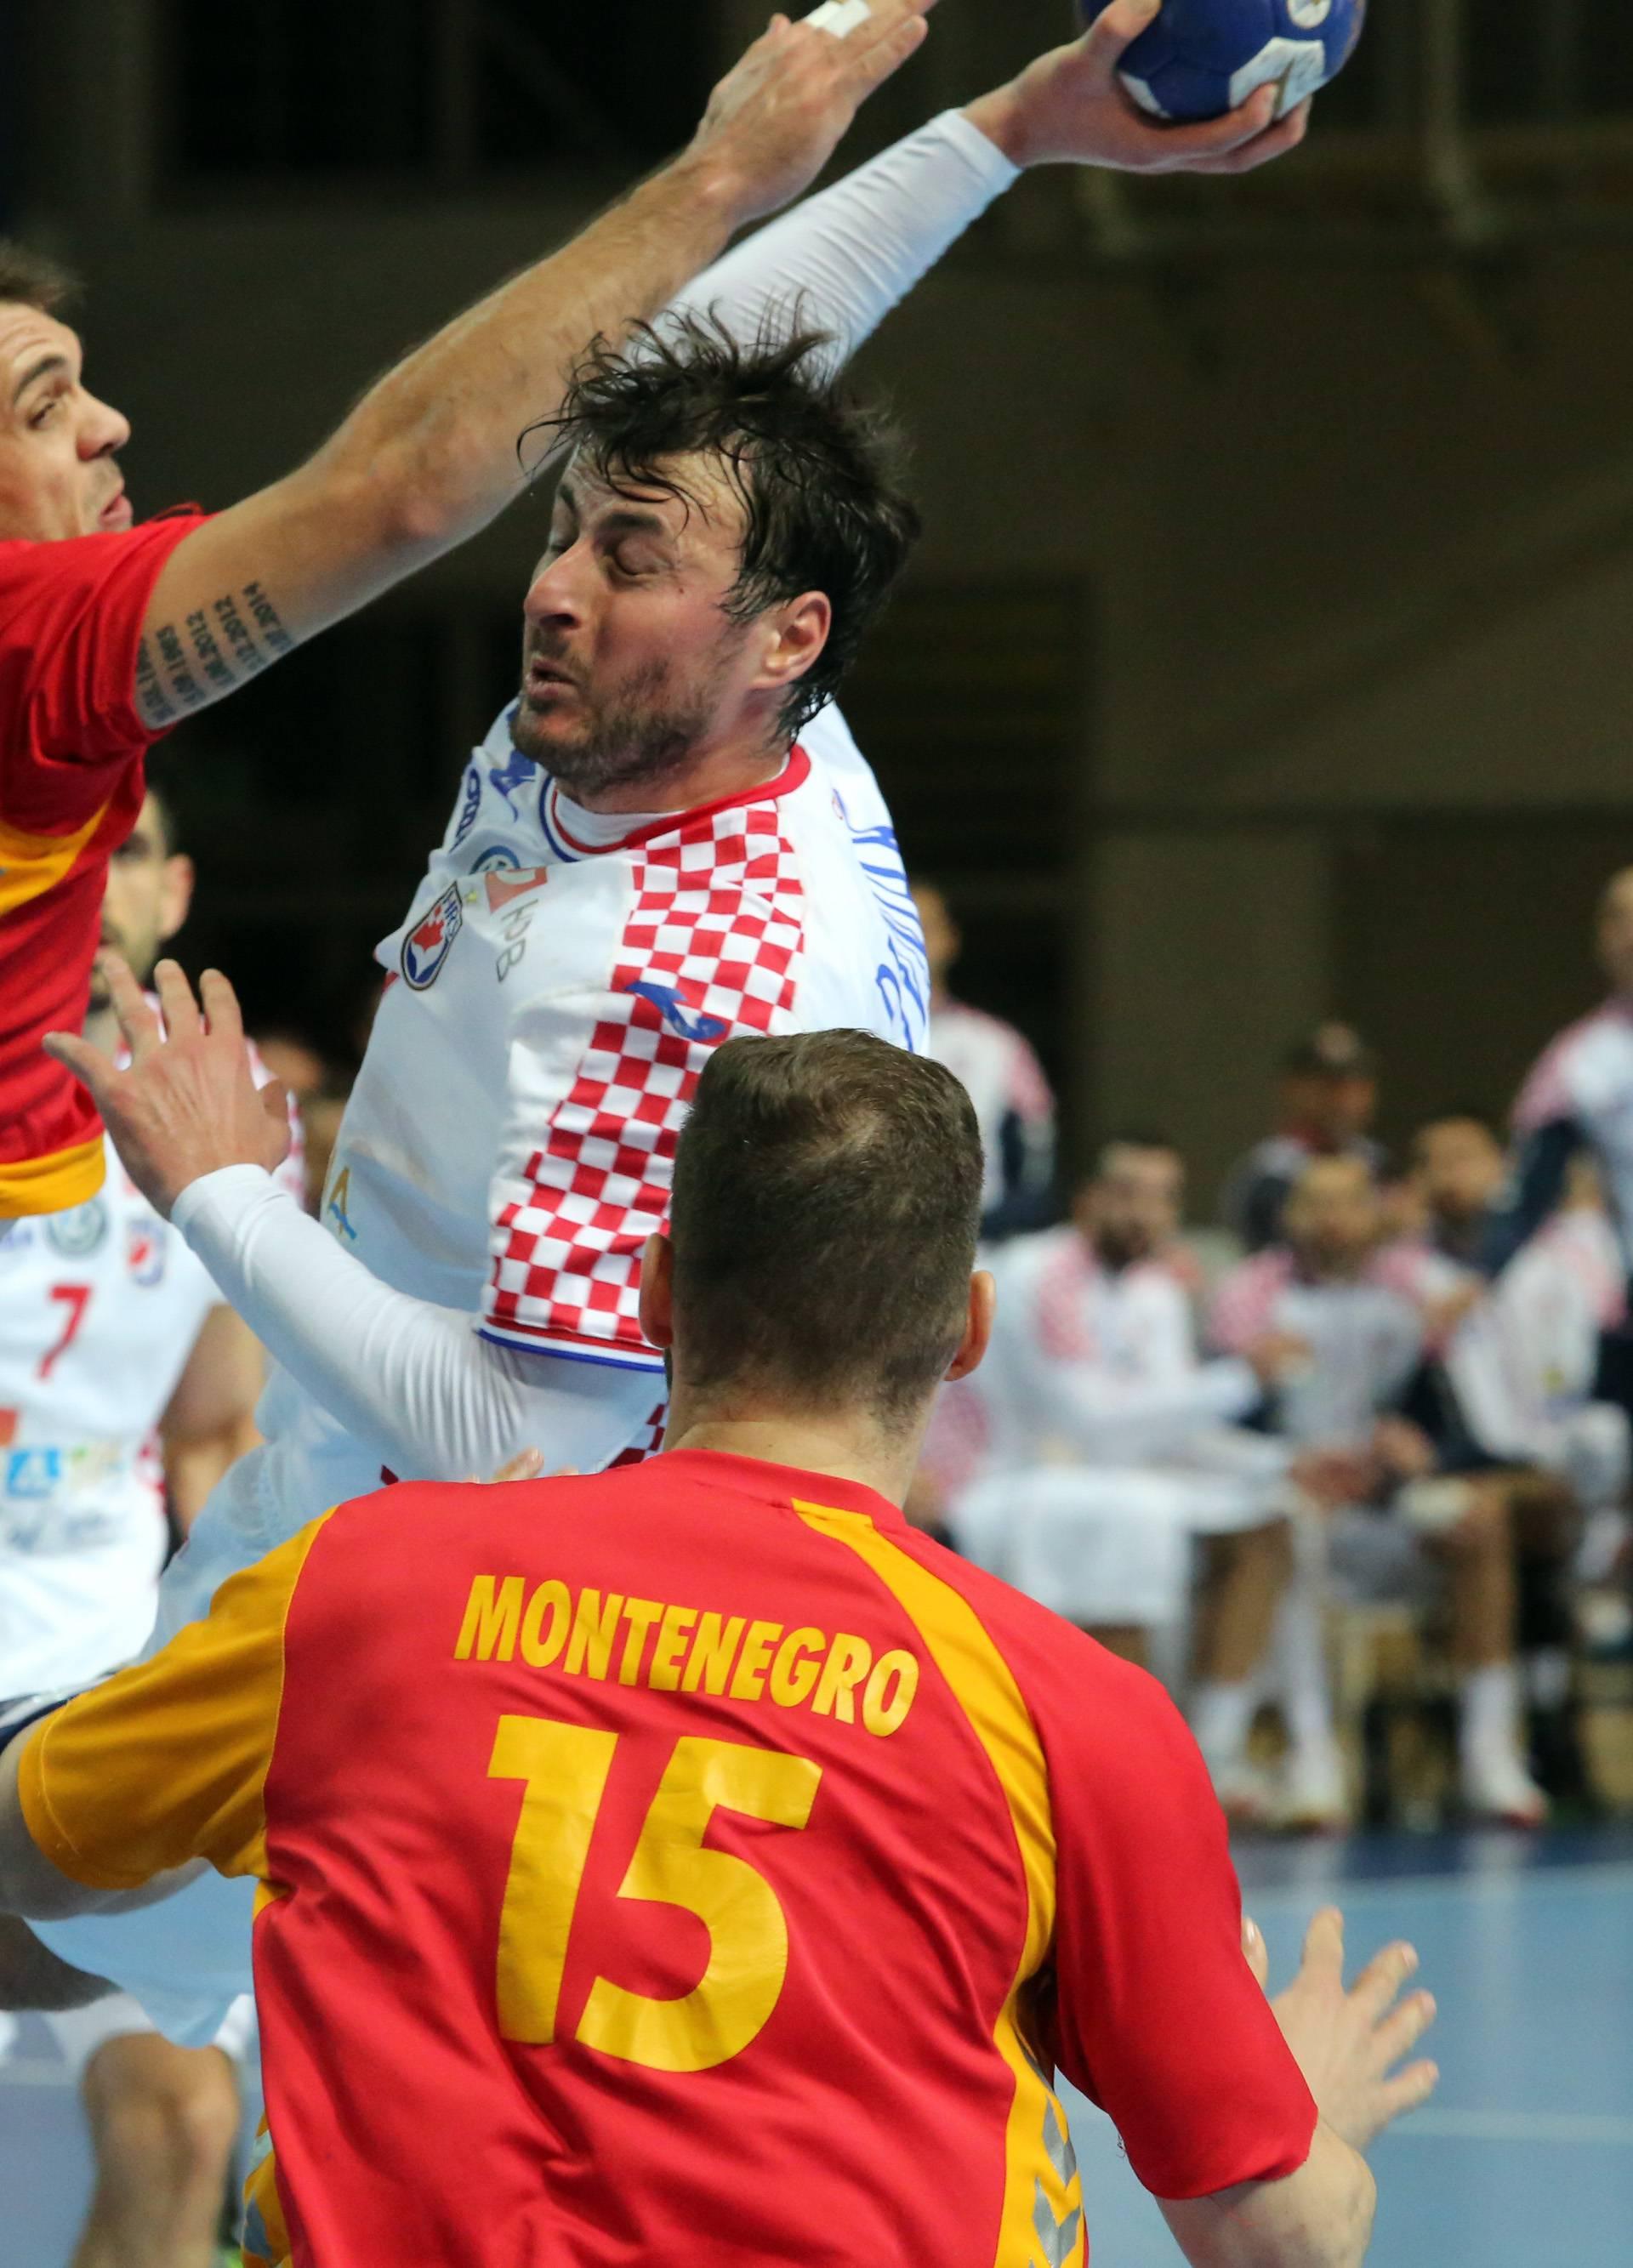 Poreč: Hrvatska i Crna Gora na međunarodnom rukometnom turniru HEP Croatia Cup